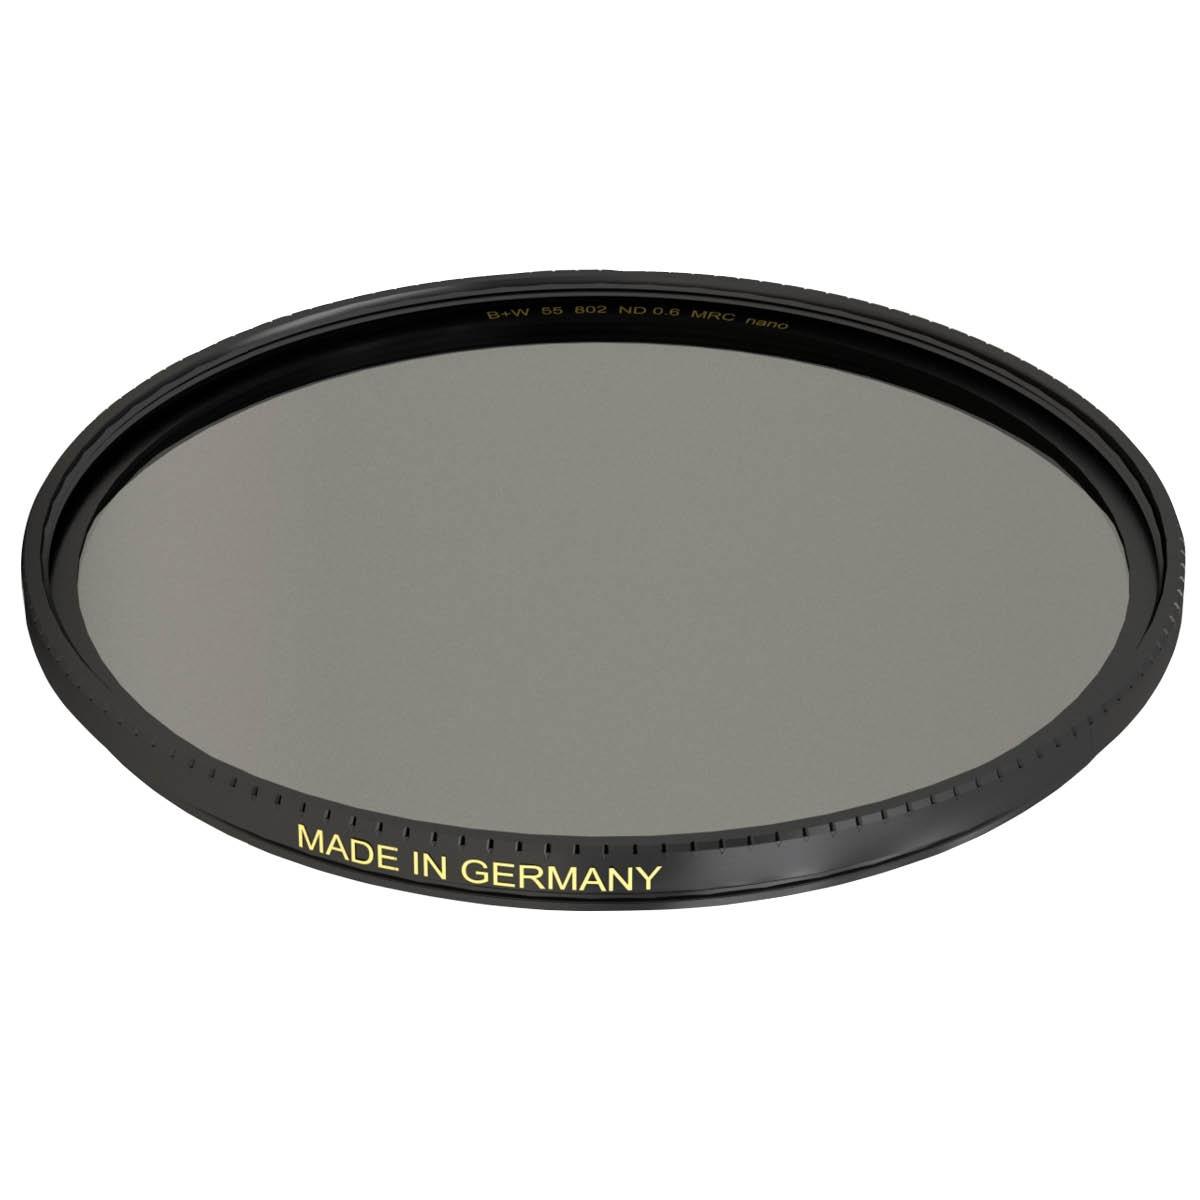 B+W Graufilter 43 mm XS-Pro +2